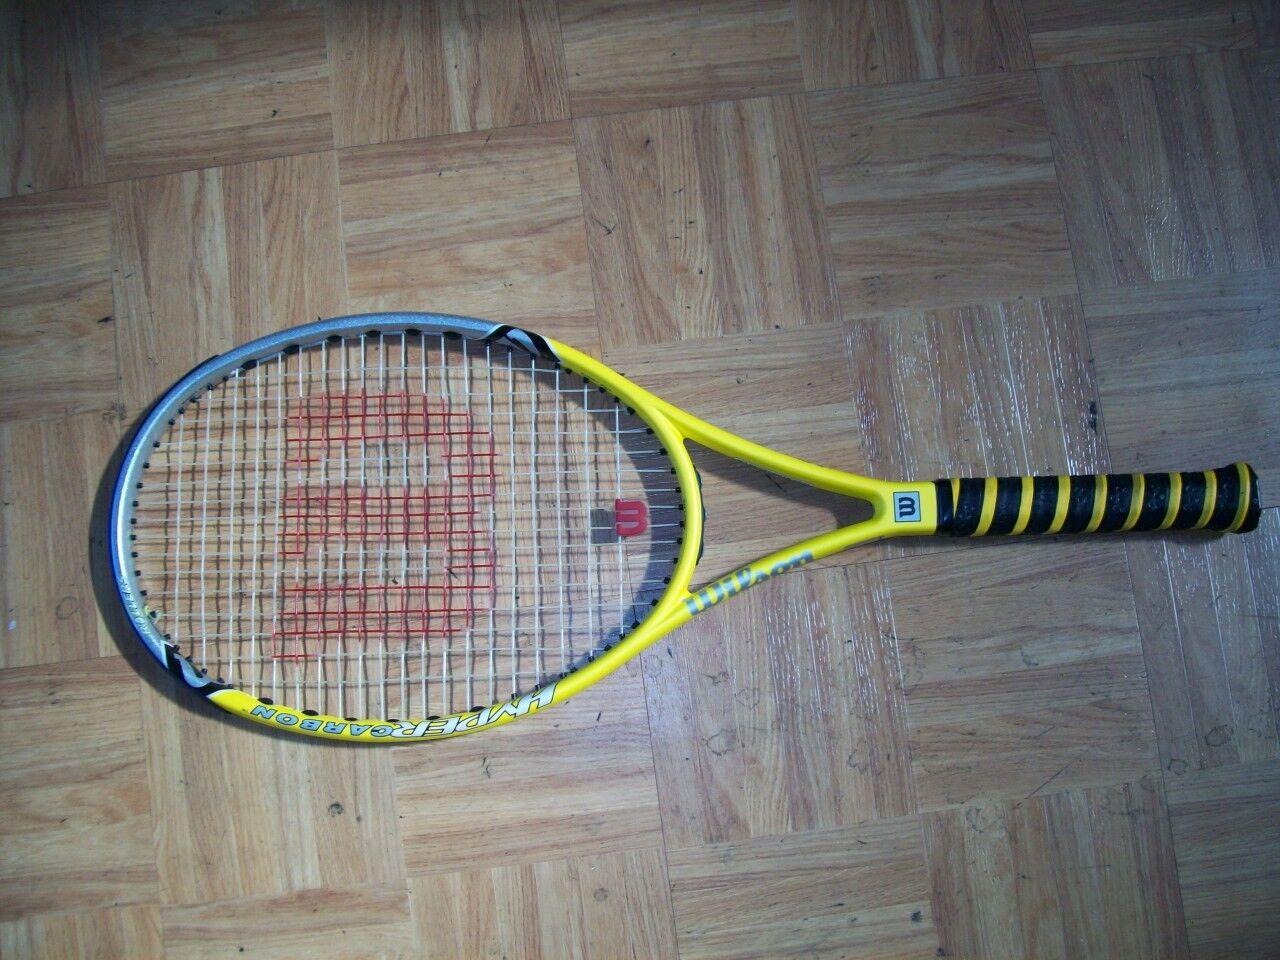 Wilson Hyper Hammer 6,6 rodillos  98 4 5 8 Raqueta De Tenis  preferente